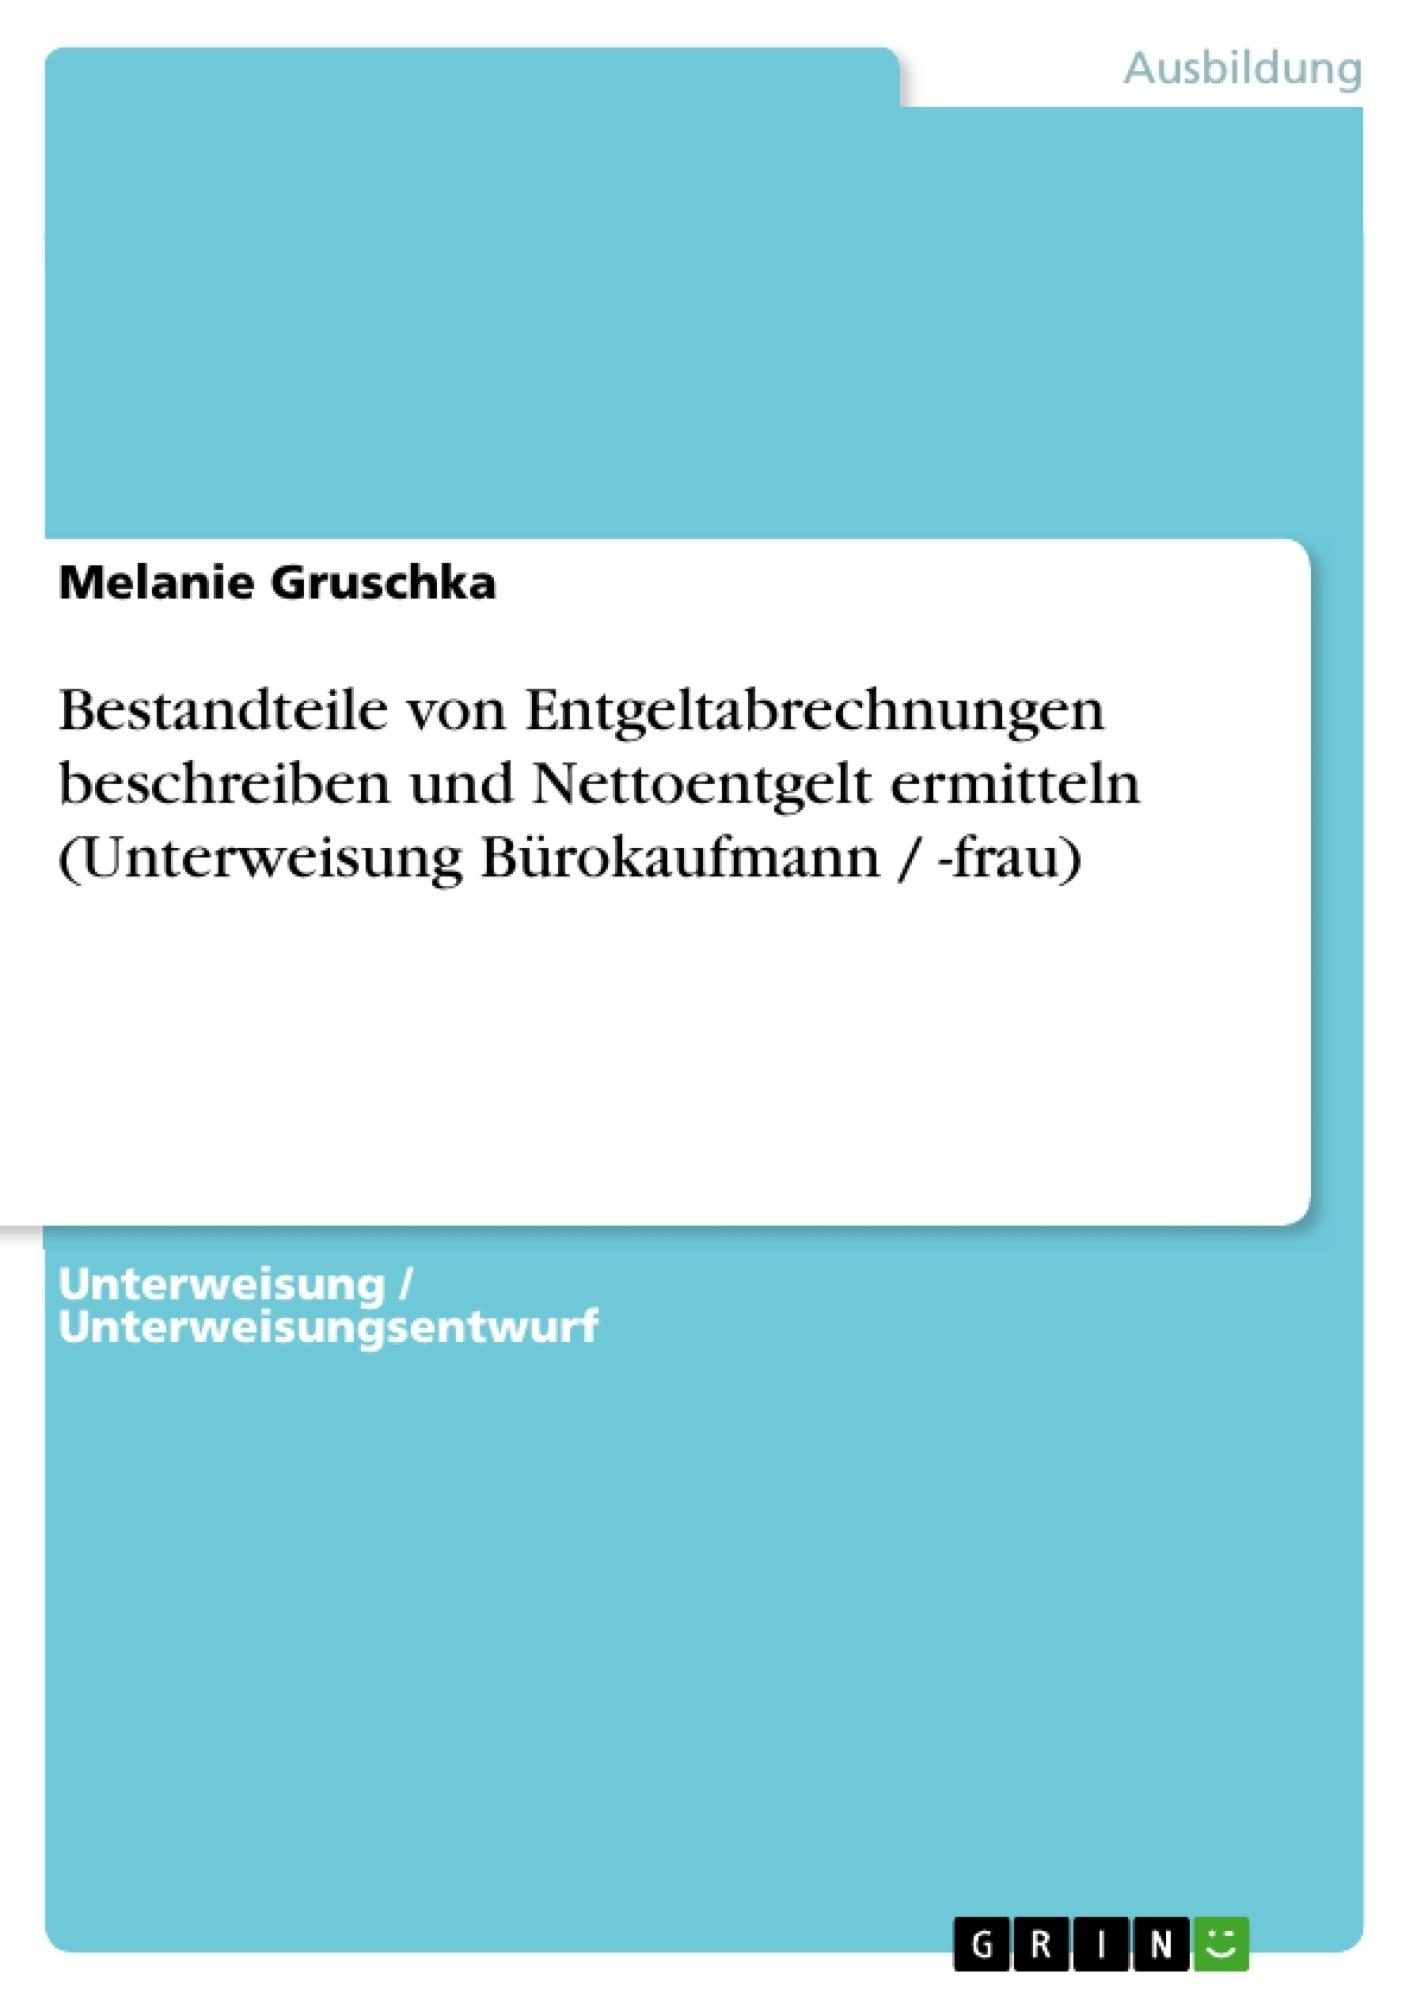 Titel: Bestandteile von Entgeltabrechnungen beschreiben und Nettoentgelt ermitteln (Unterweisung Bürokaufmann / -frau)